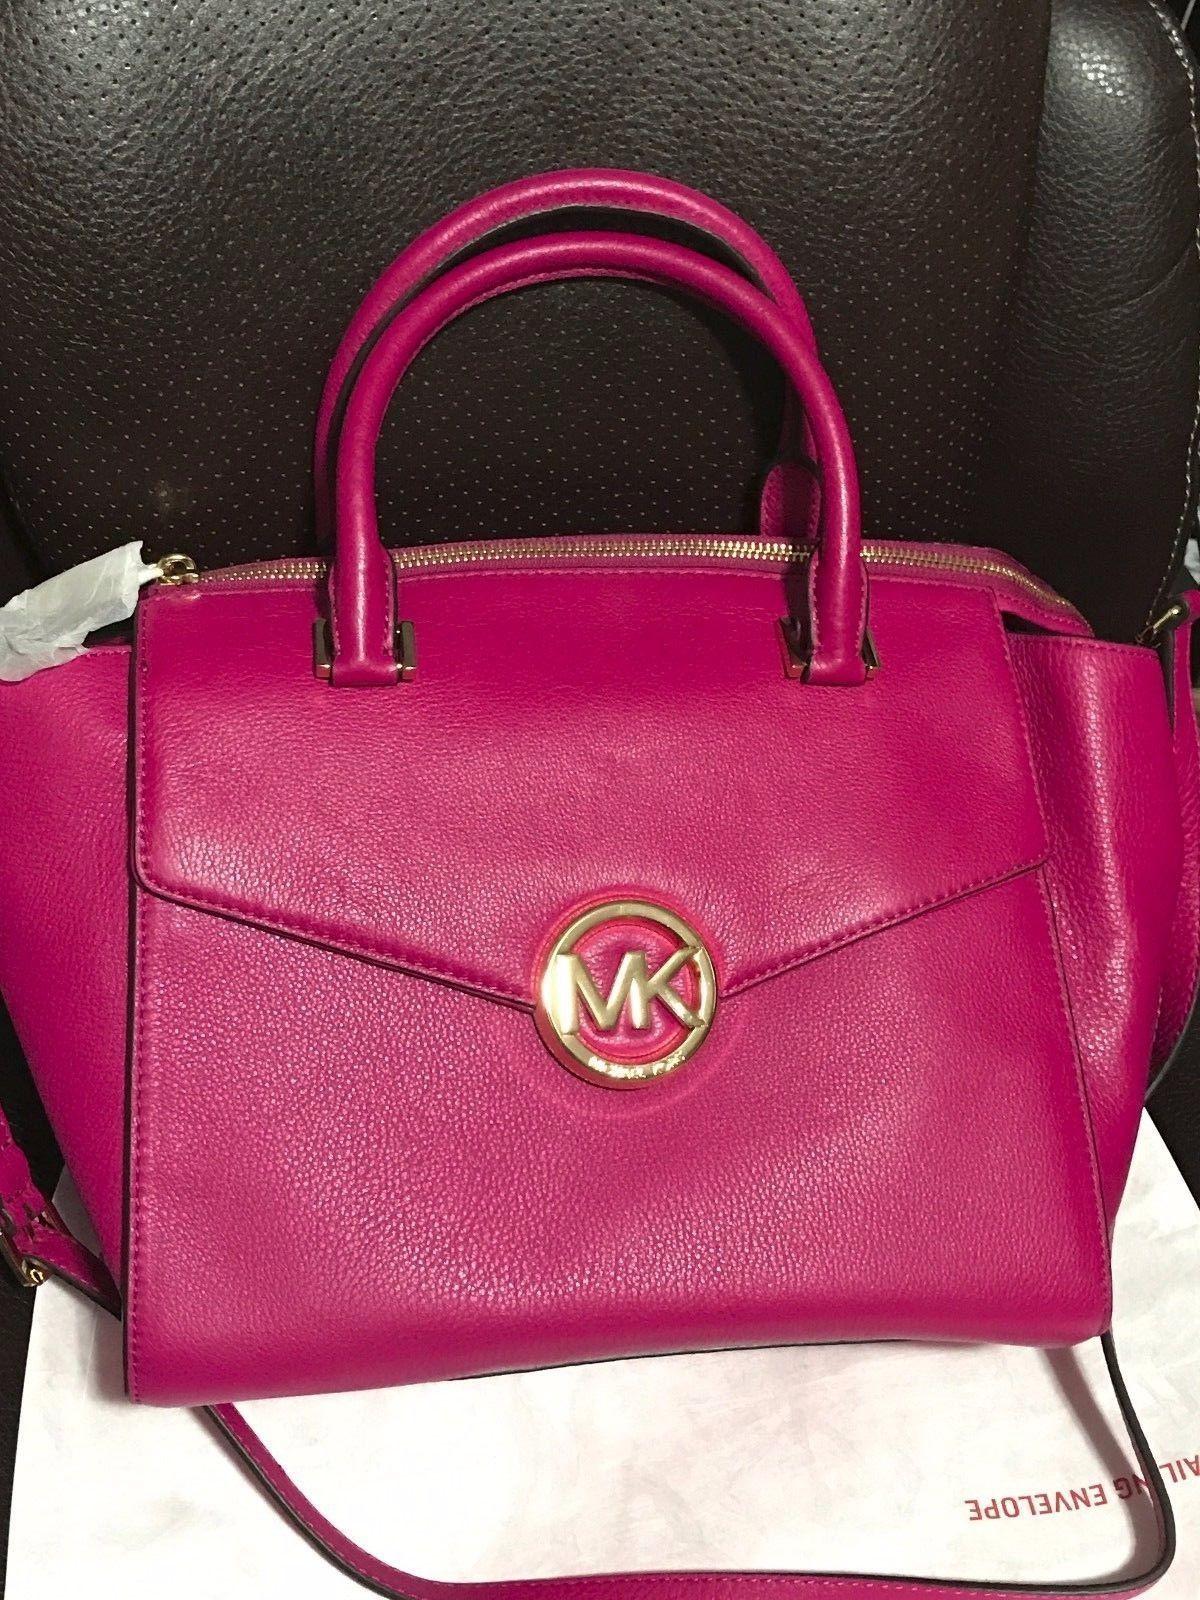 Michael Kors Hudson Leather Large Satchel in Violet